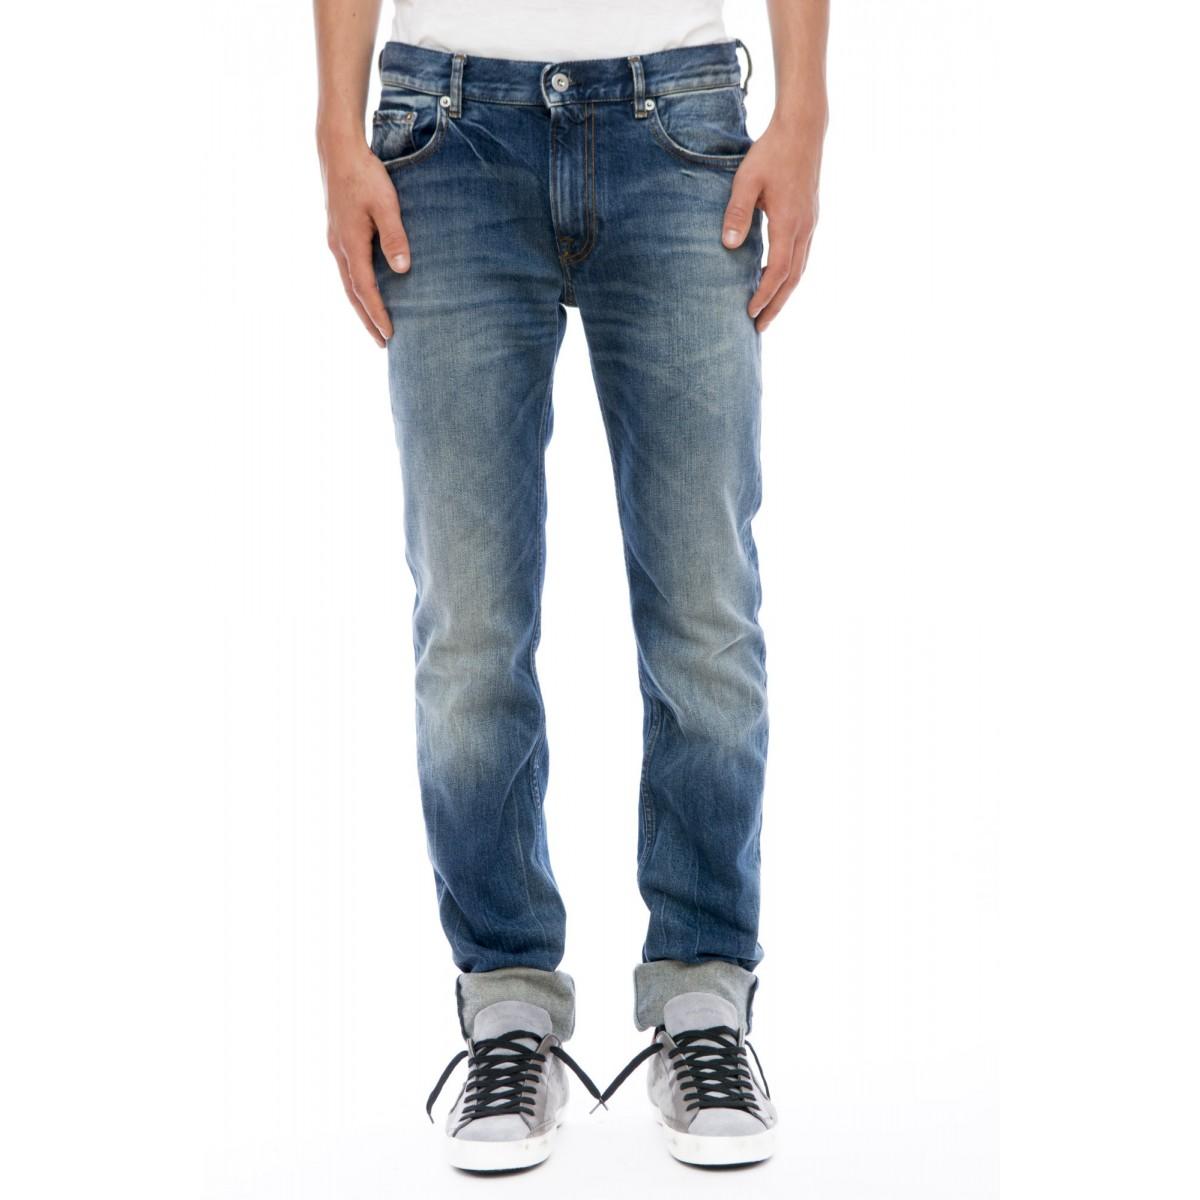 Jeans Stone island - J2zm4 jeans skinny